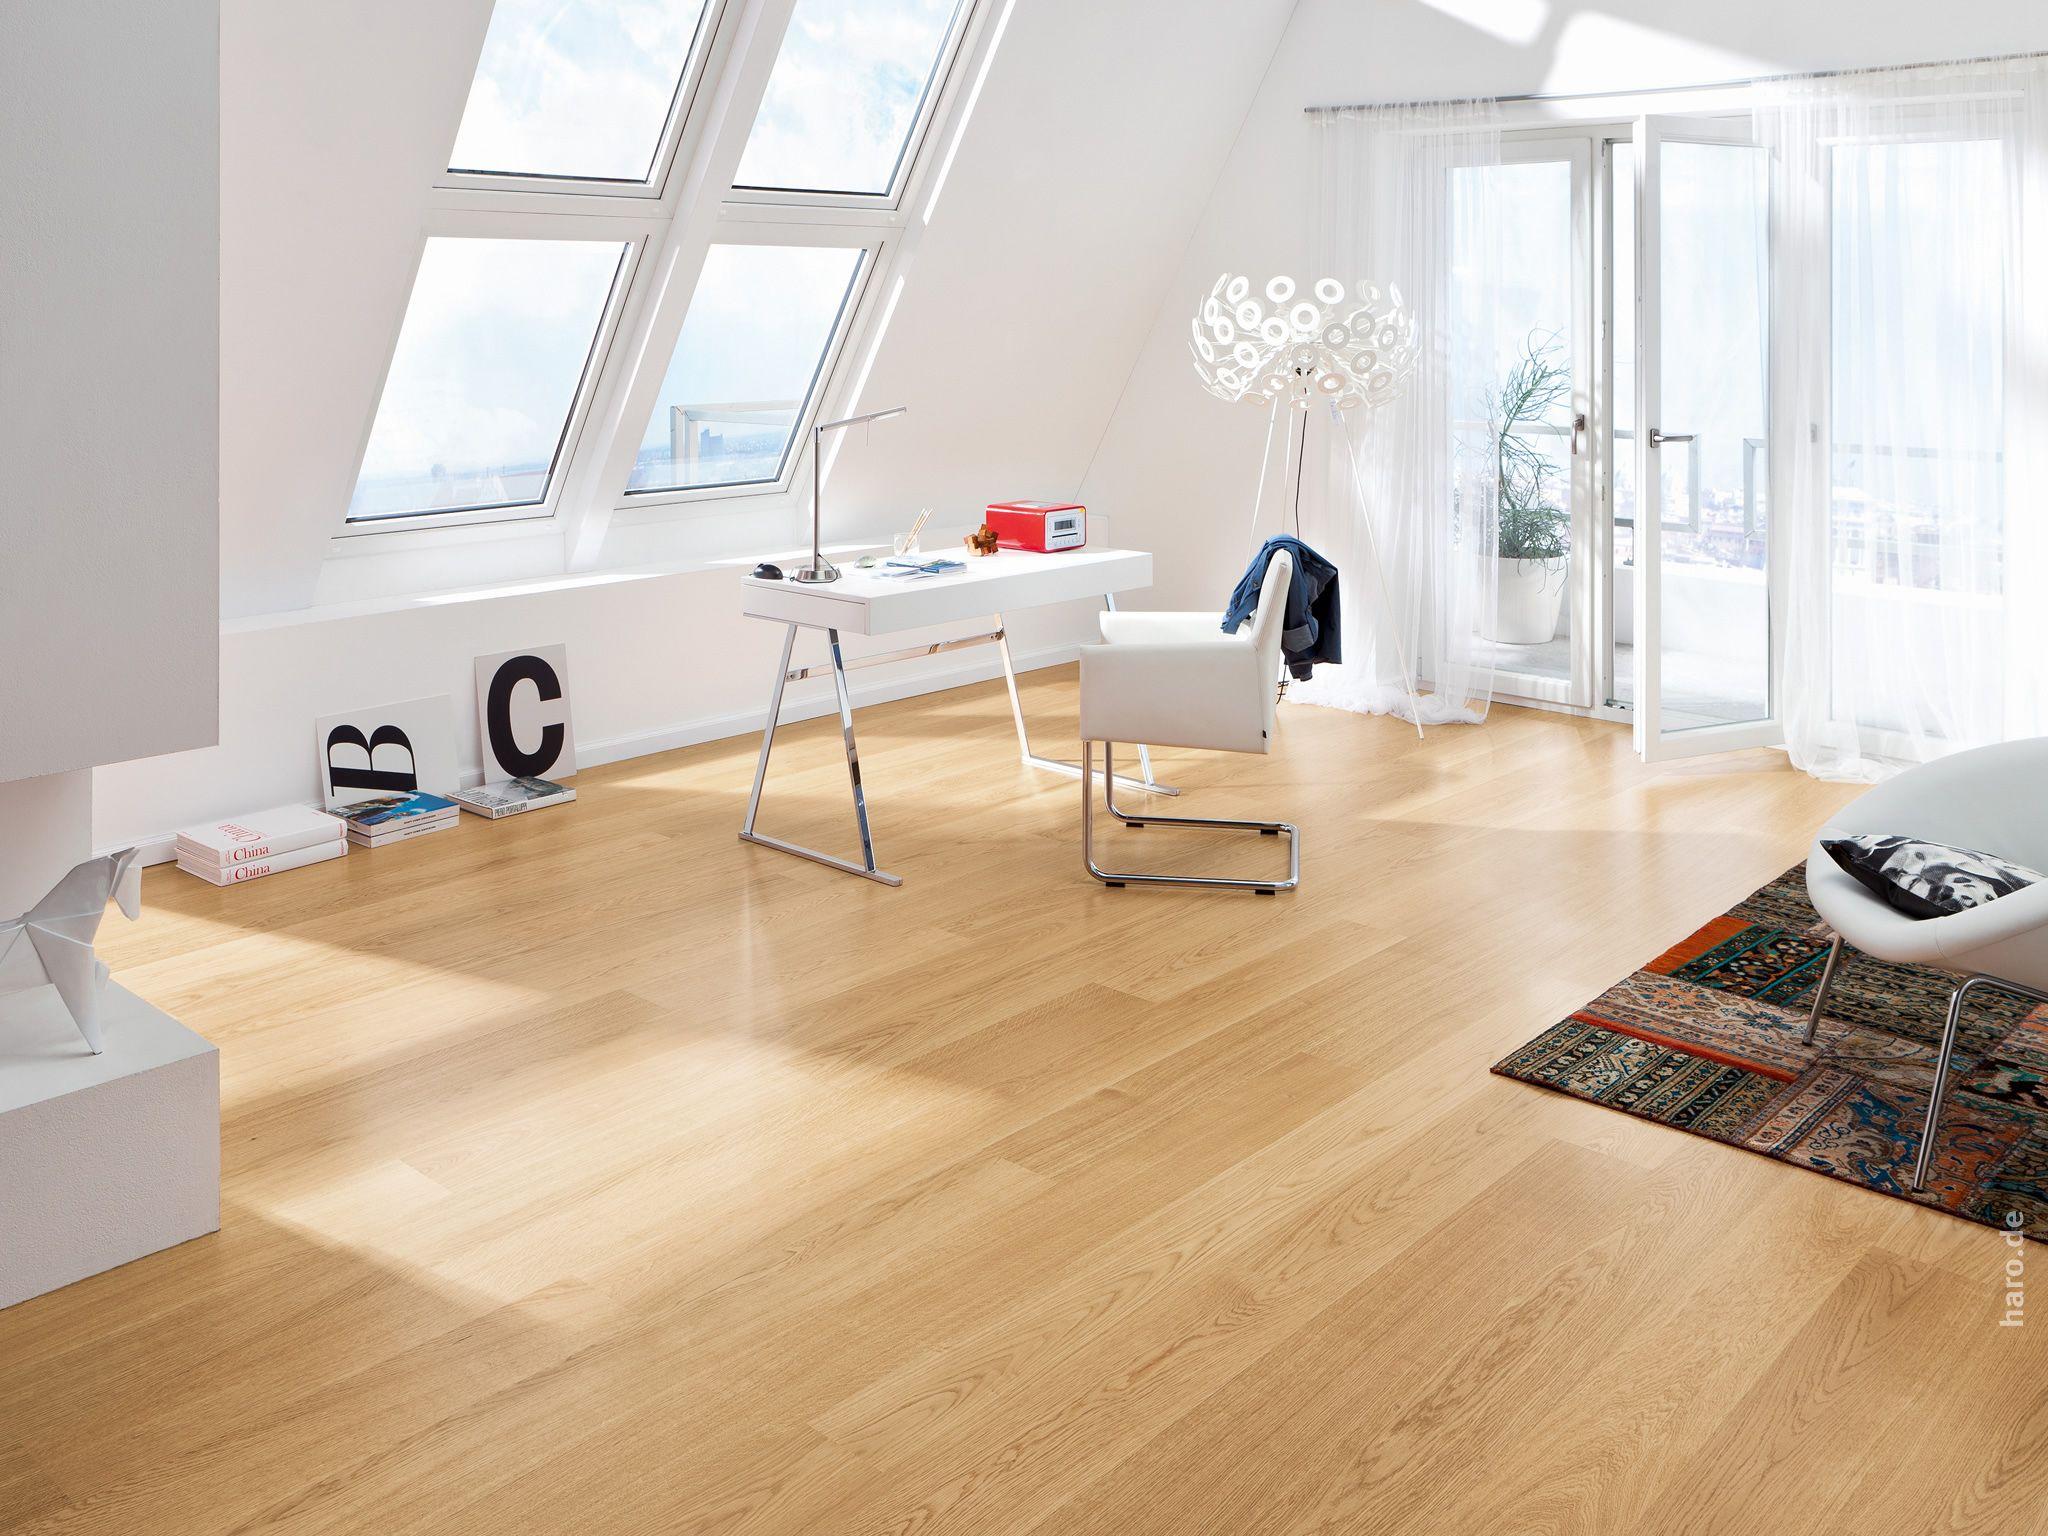 haro parkett 4000 landhausdiele eiche exklusiv permadur versiegelung top connect study. Black Bedroom Furniture Sets. Home Design Ideas